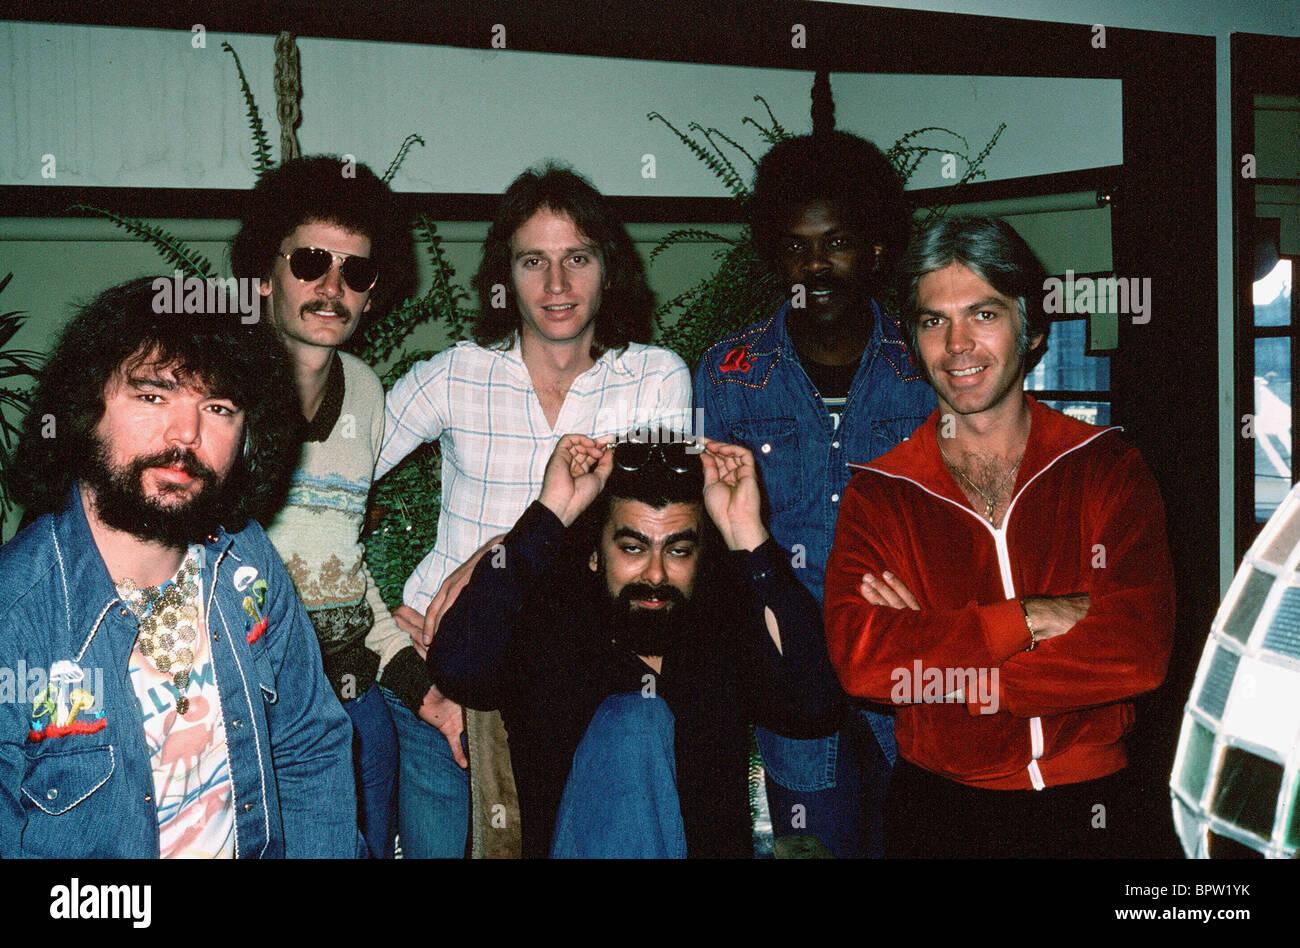 Raro uccello del gruppo rock (1977) Immagini Stock